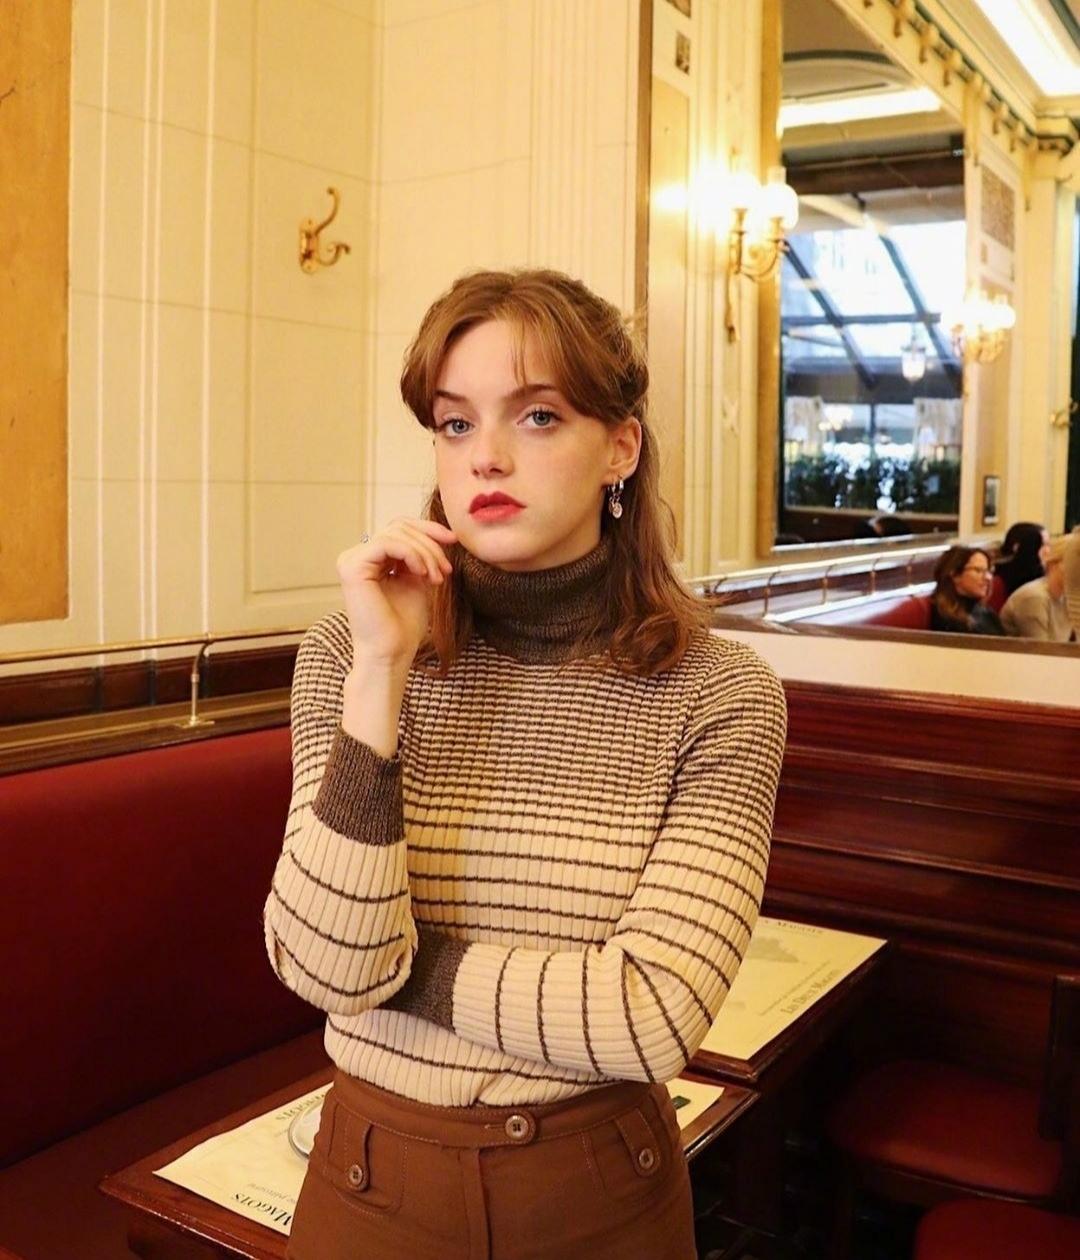 3 kiểu áo len phụ nữ Pháp hay diện nhất mùa lạnh, muốn thăng hạng style thì bạn phải update ngay - Ảnh 5.